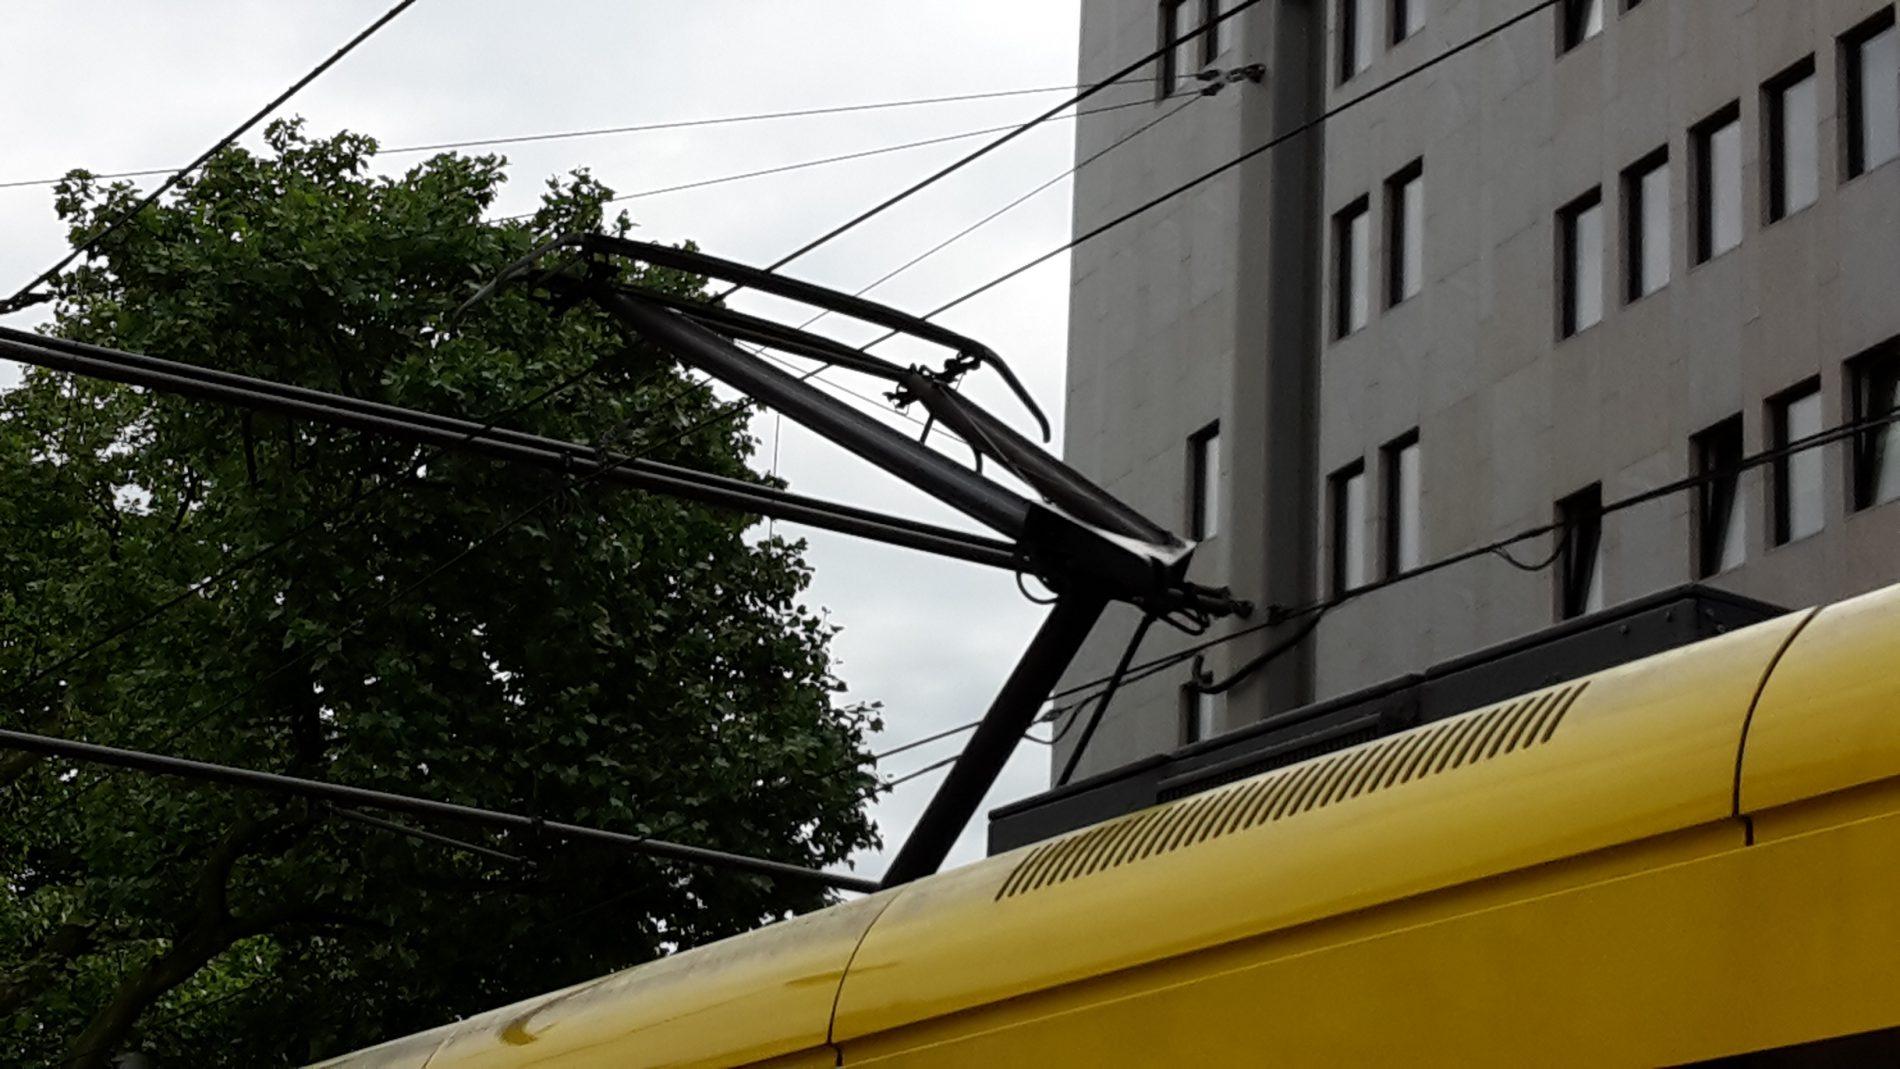 Der Stromabnehmer überträgt den Strom von der Oberleitung in das Fahrzeug.